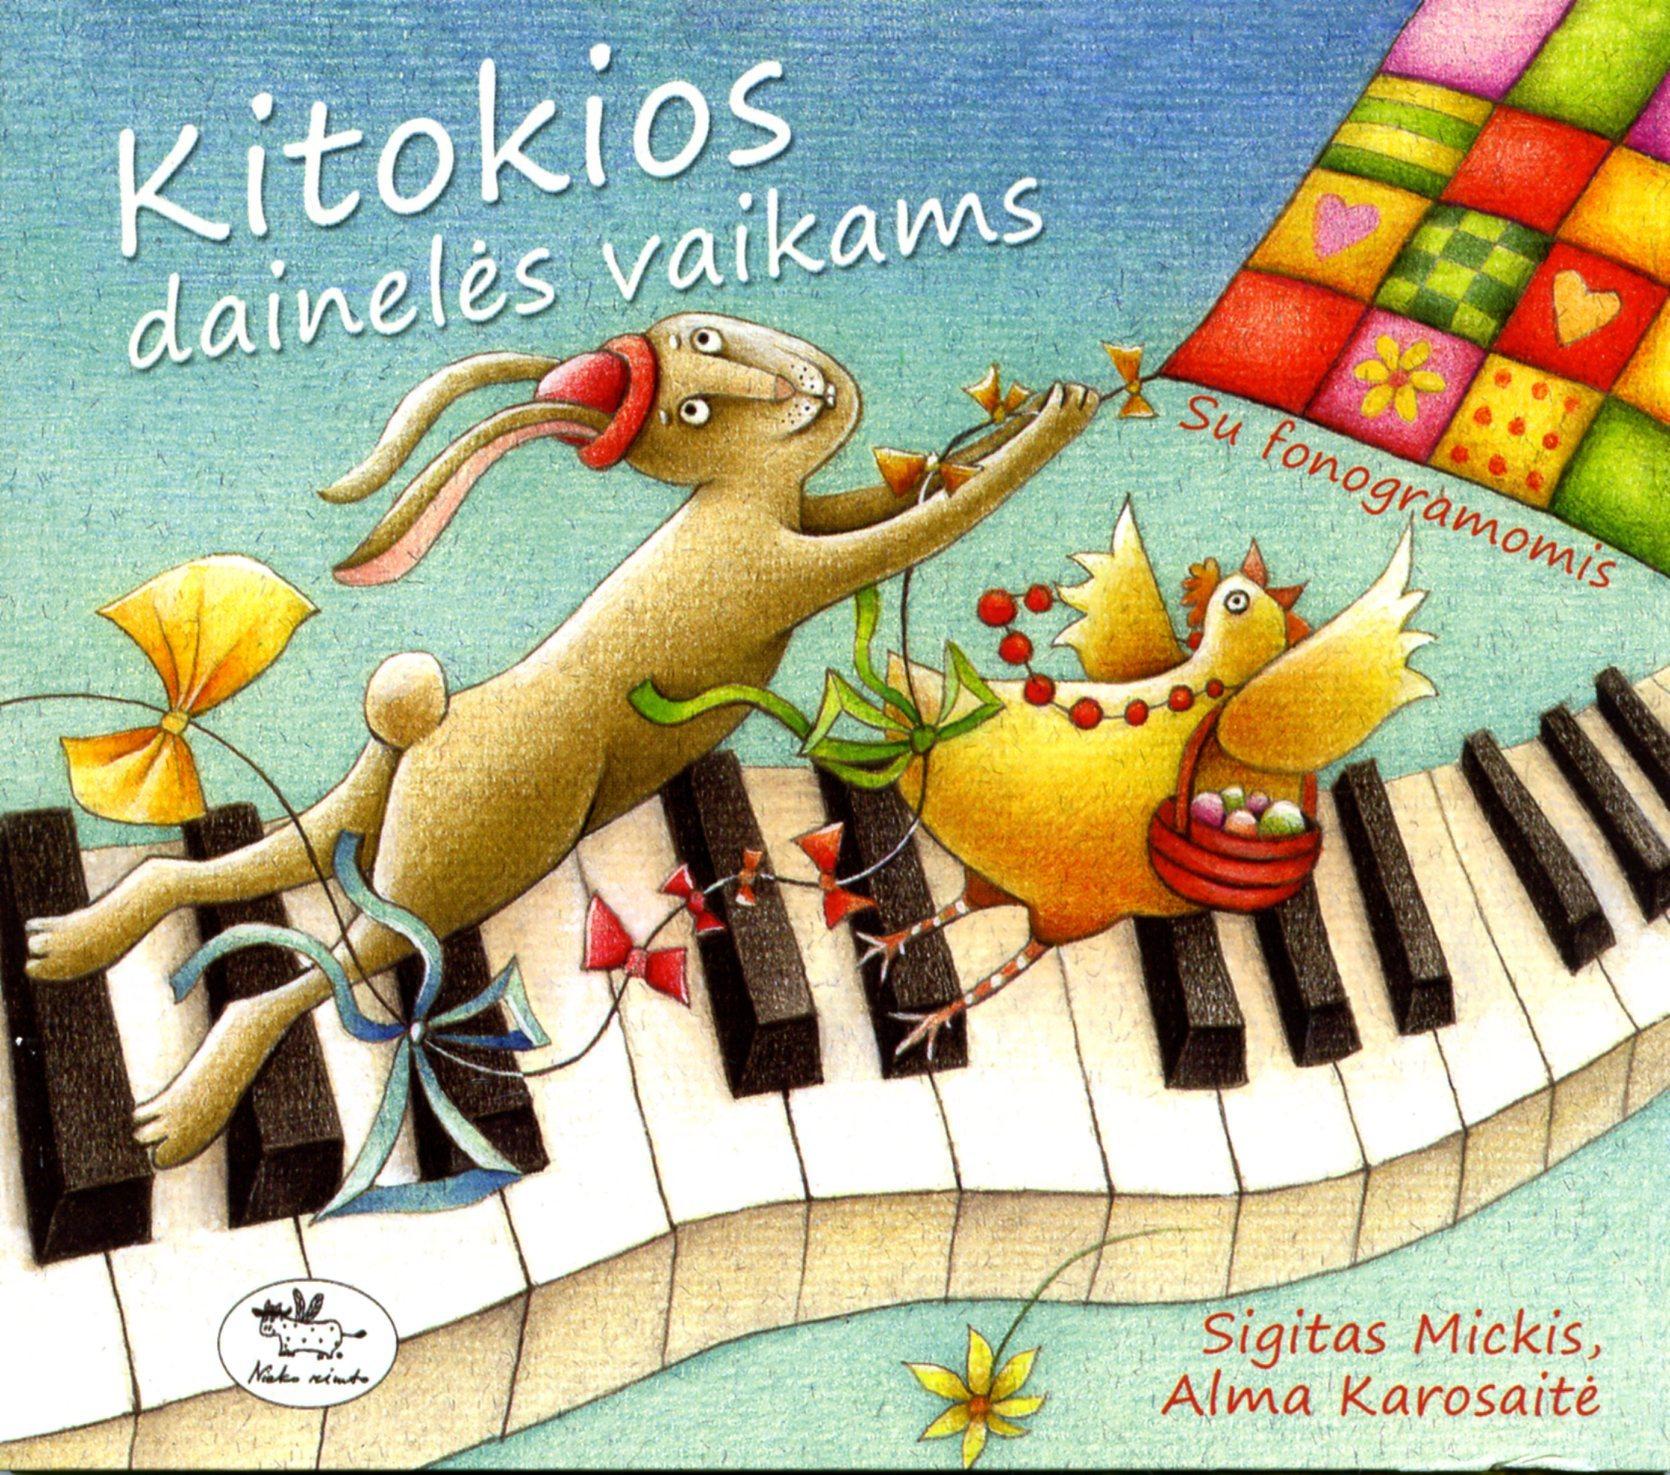 Kitokios dainelės vaikams